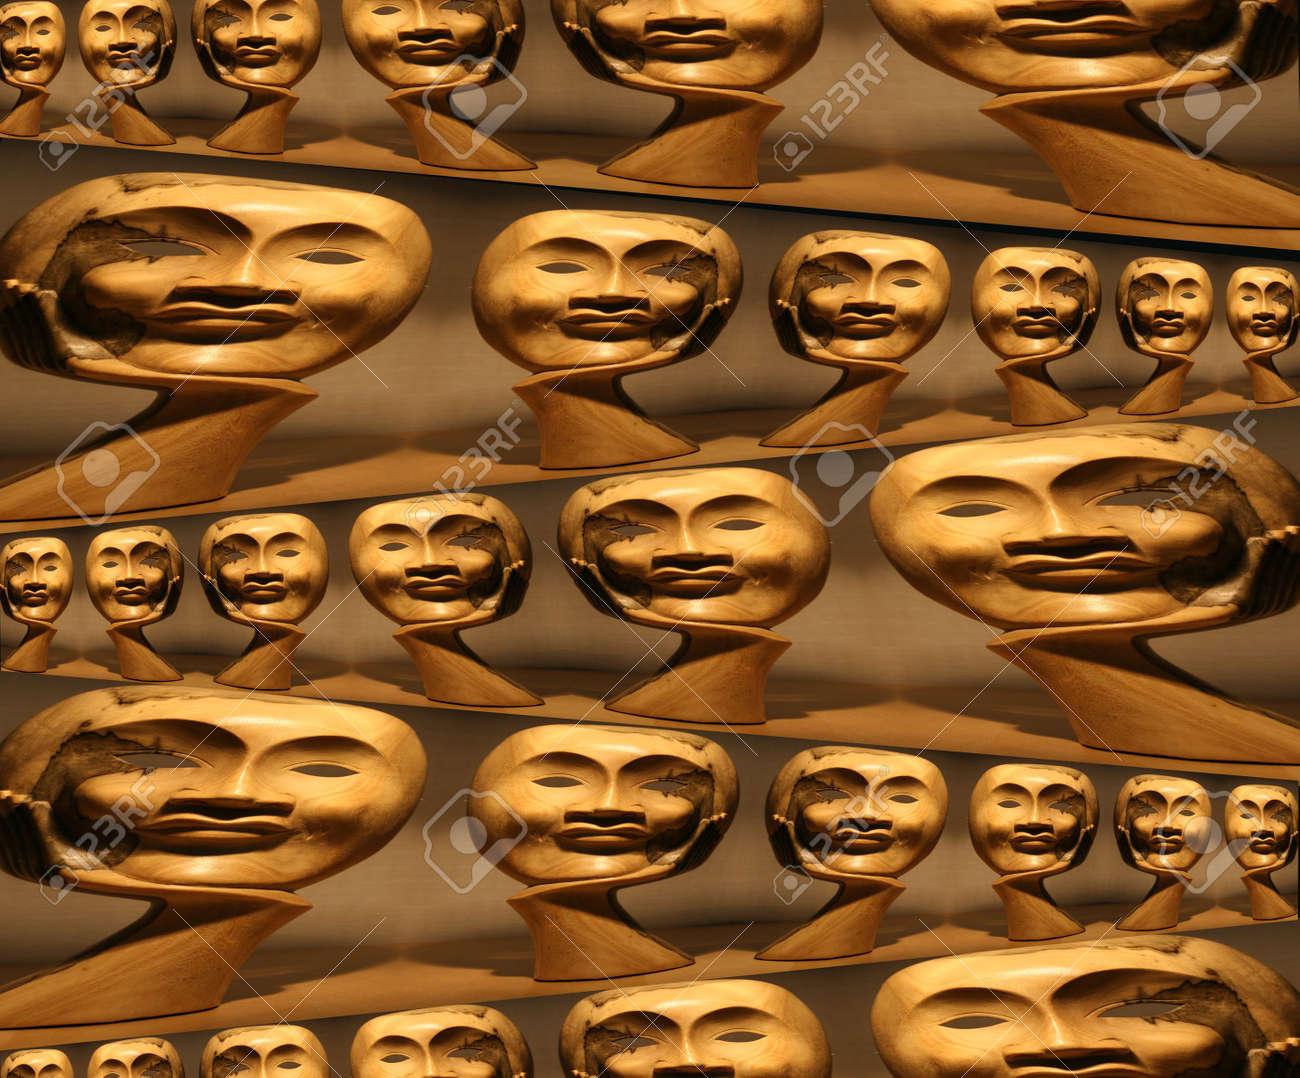 Many Faces Stock Photo - 1156699